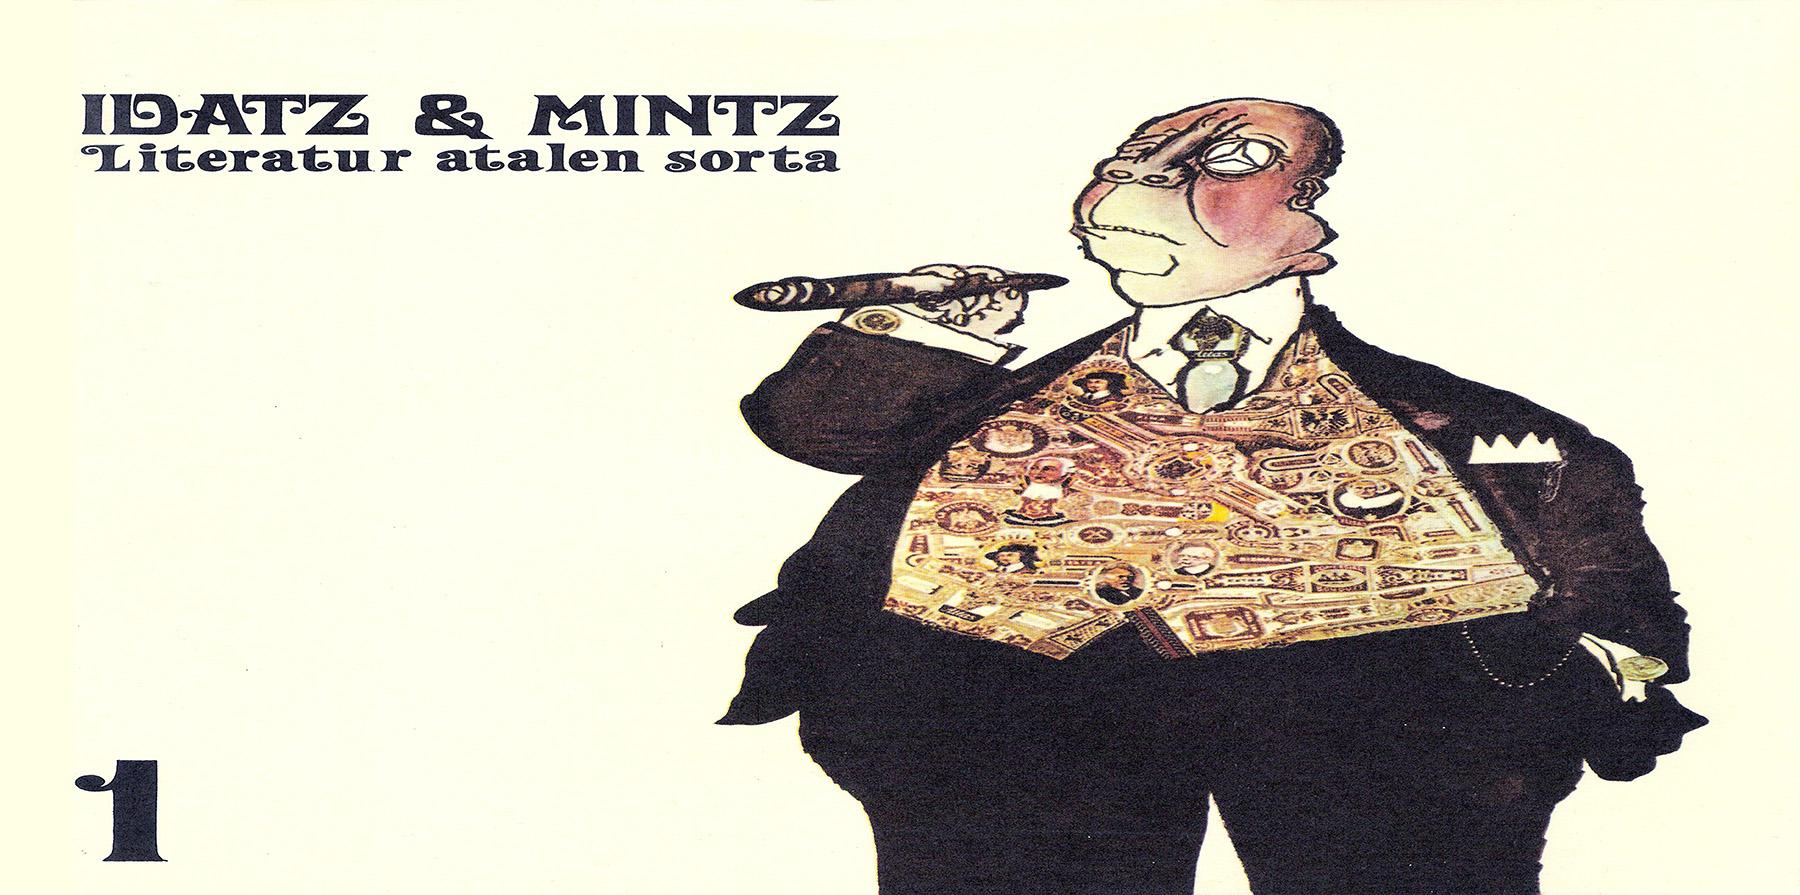 Urrezko Luma Idatz & Mintz aldizkariari